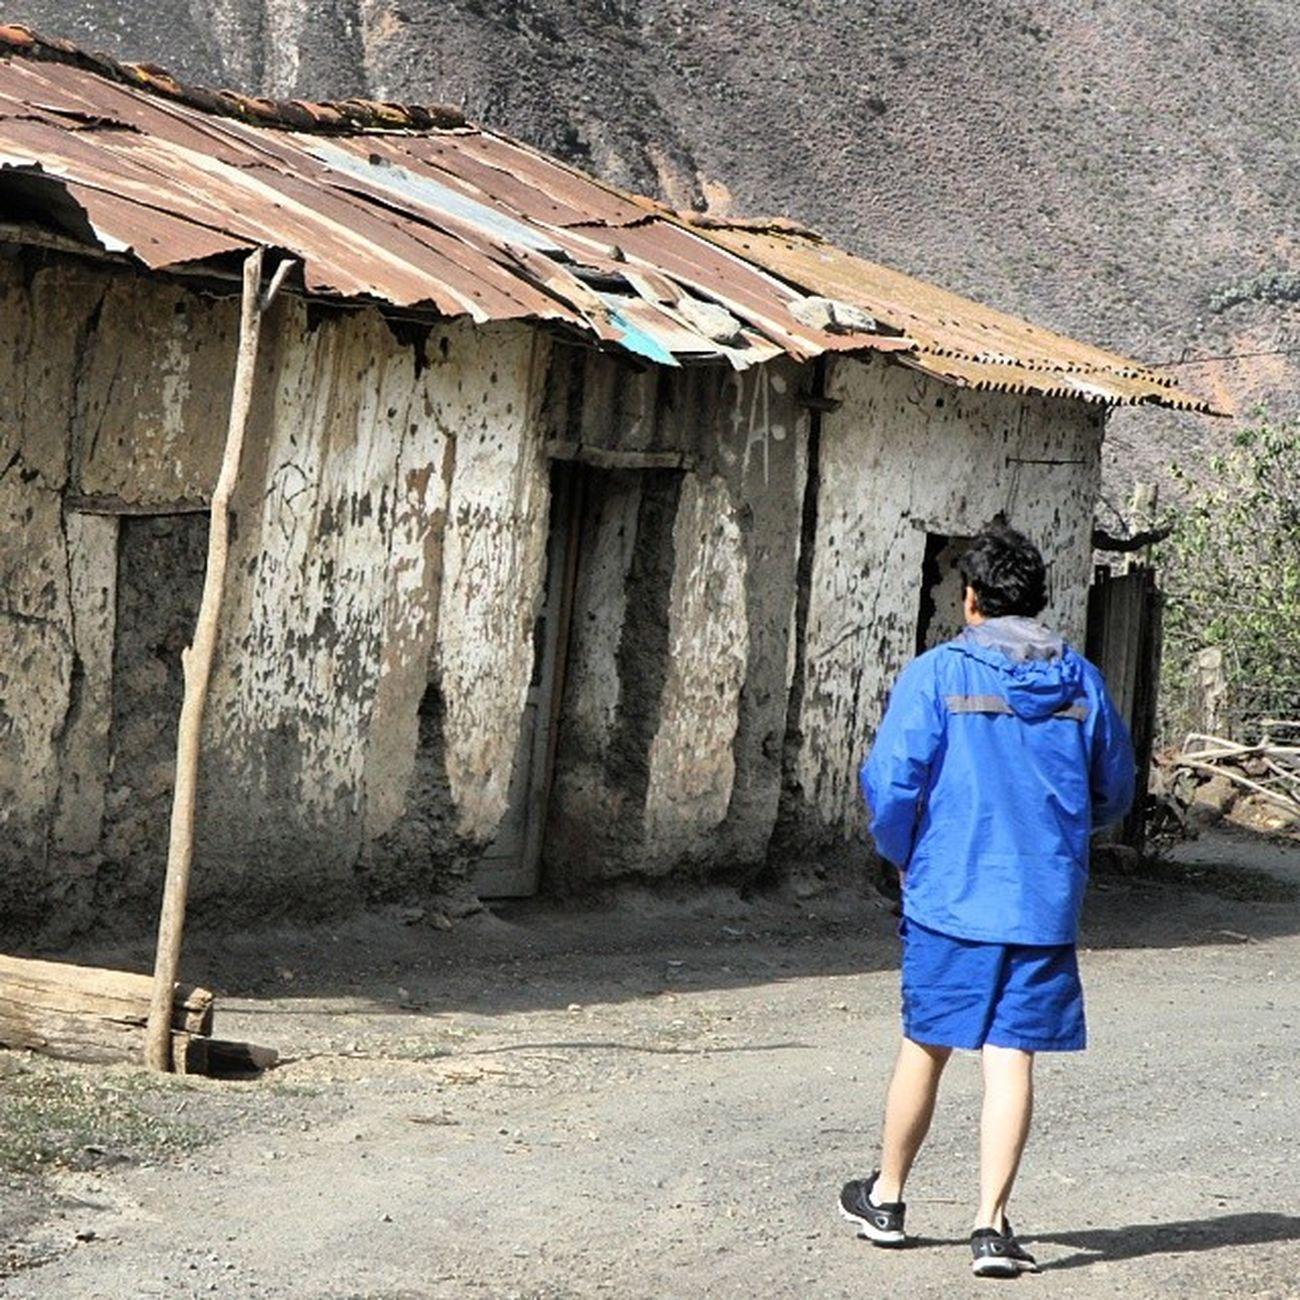 Sector de Mosnandá en la vía hacia el pueblo de Los Nevados en Mérida Venezuela Venezuelainsite Venezuelaes Venegramers Venezuela_captures Insta_ve Instavenezuela Ig_merida Ig_southamerica Ig_southamerica Ig_colombia IG_Venezuela Icu_venezuela Ig_tachira Instafoto_ve Igerssc Gf_venezuela Gf_colombia